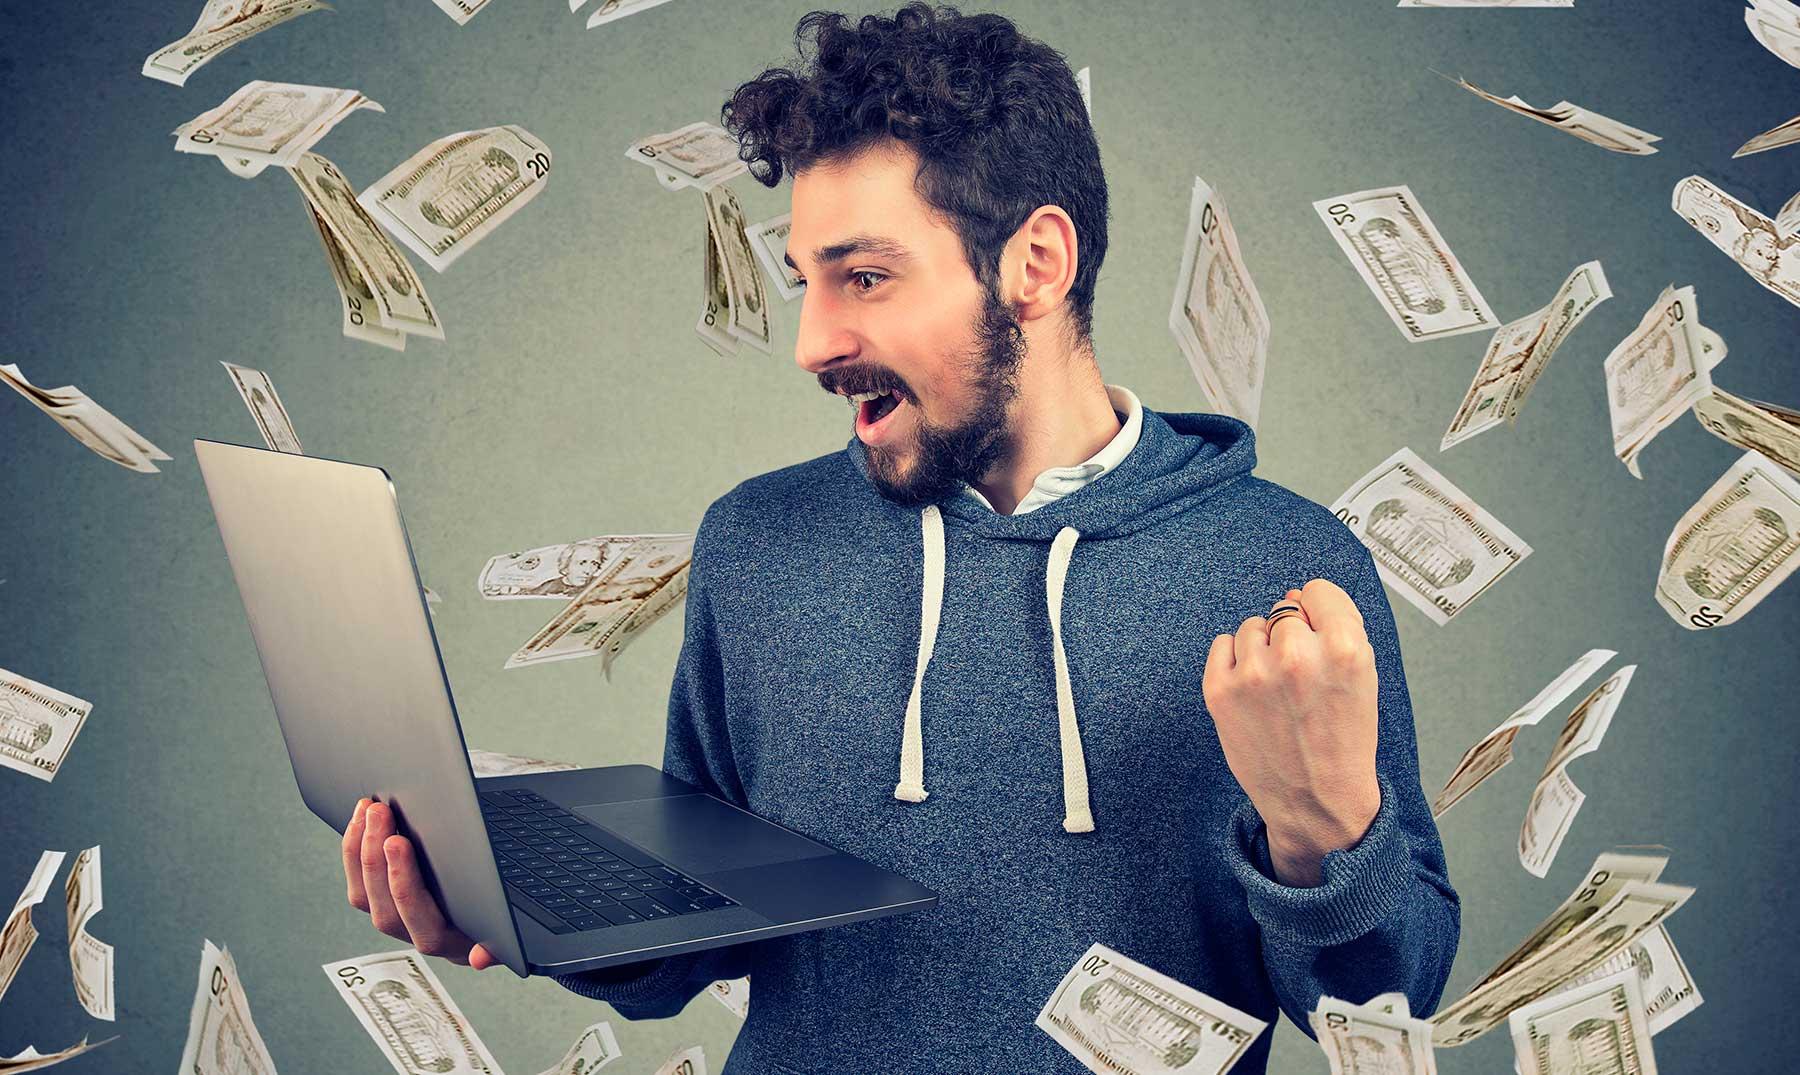 Кто такой пикчер и сколько он зарабатывает? обзор интернет-профессии